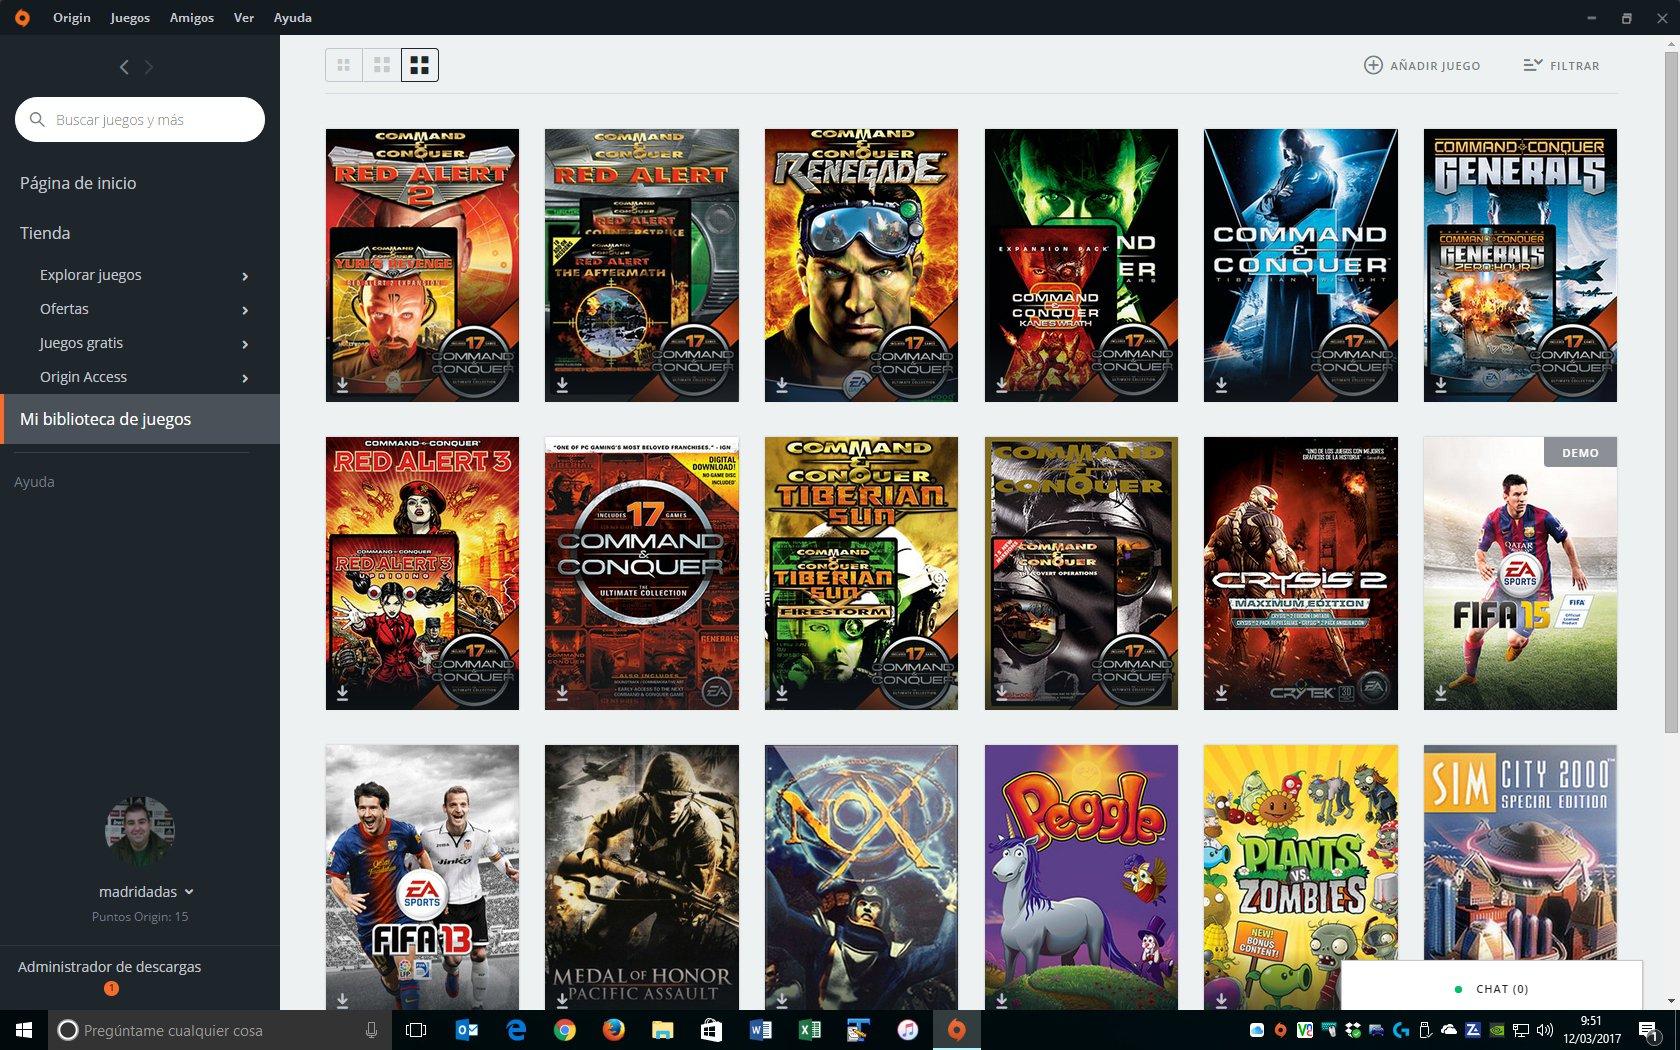 I migliori siti Web per scaricare giochi legalmente 1